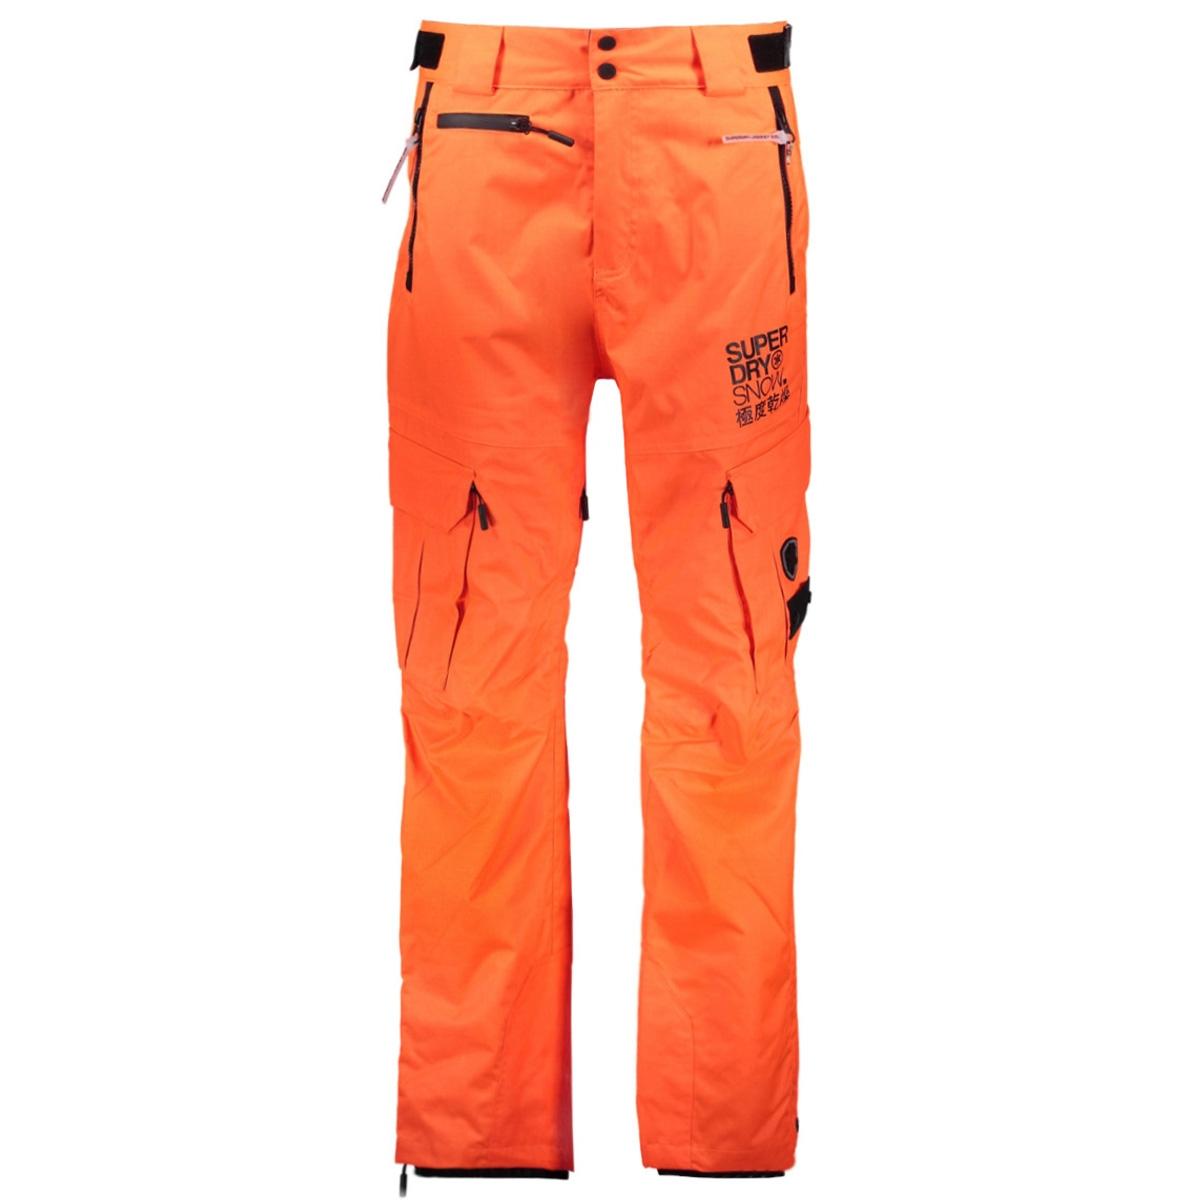 m70002wpf2 snow pant superdry sport broek me3 orange